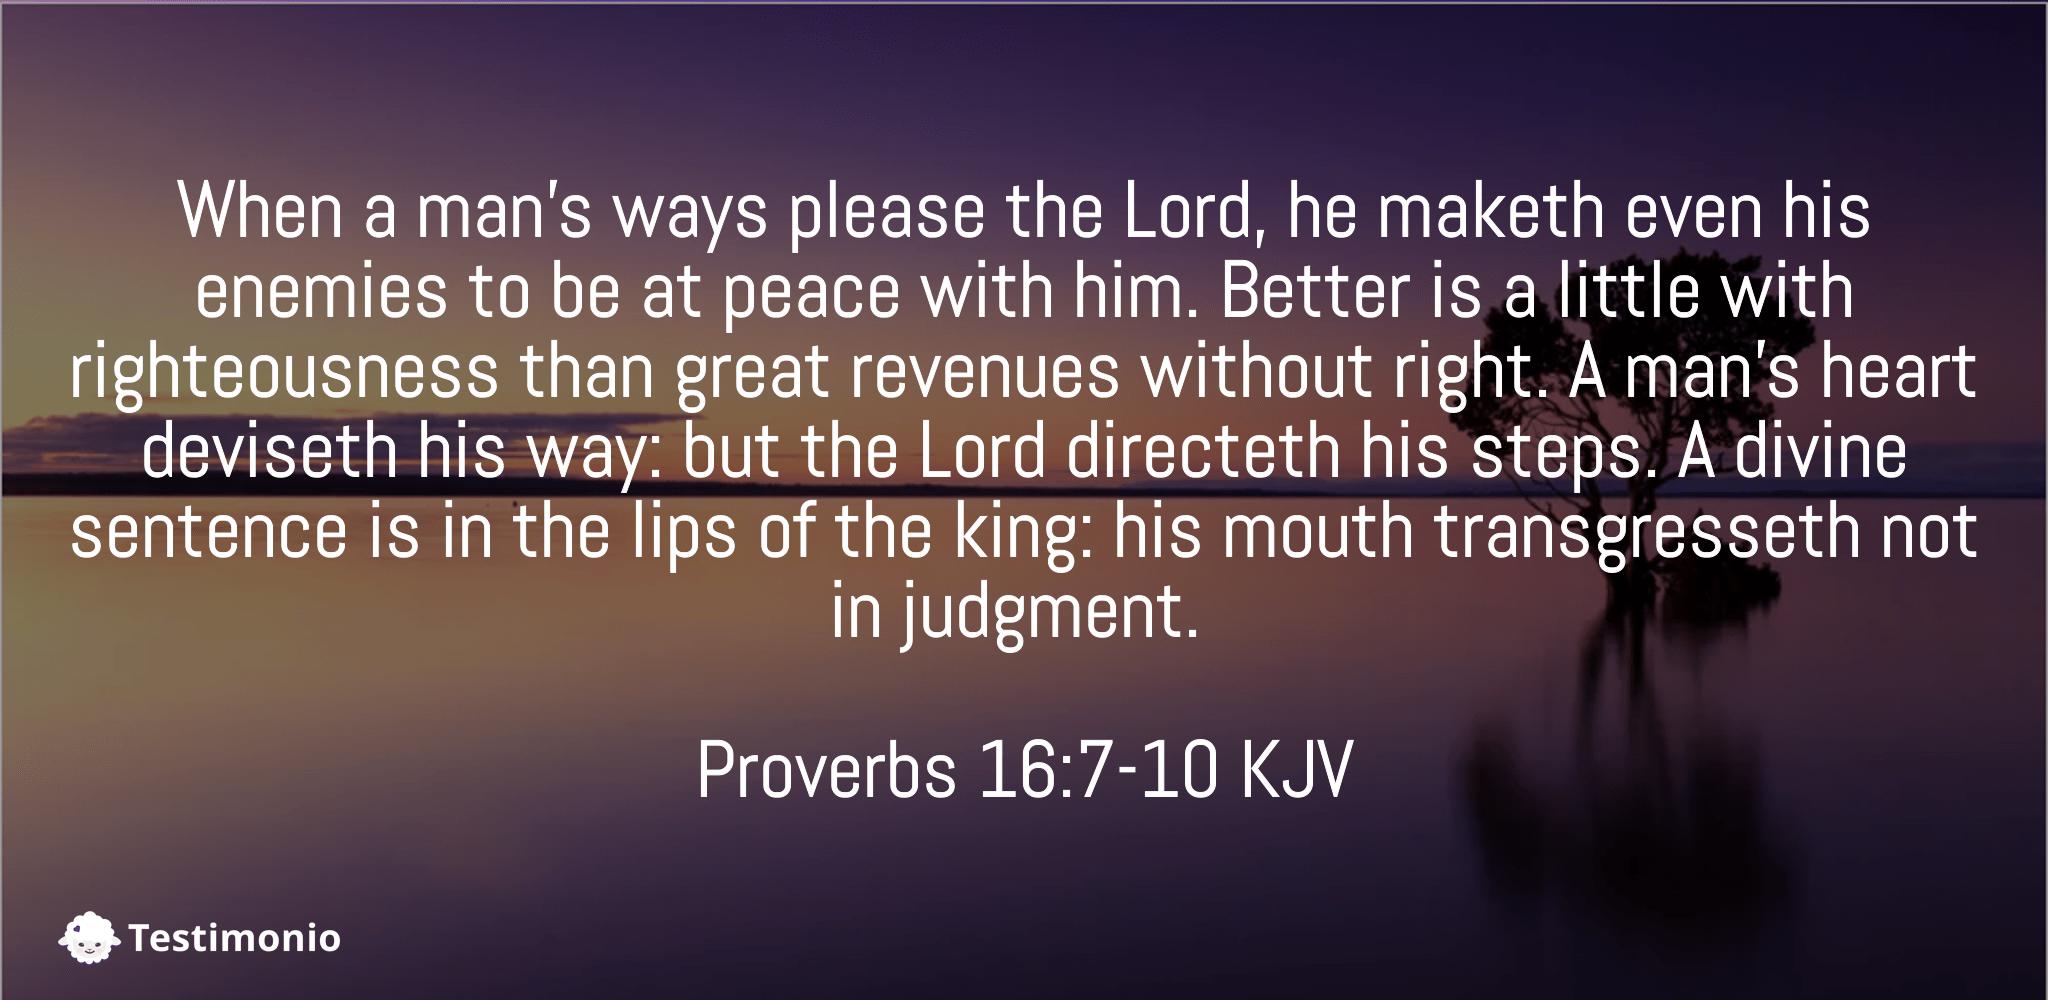 Proverbs 16:7-10